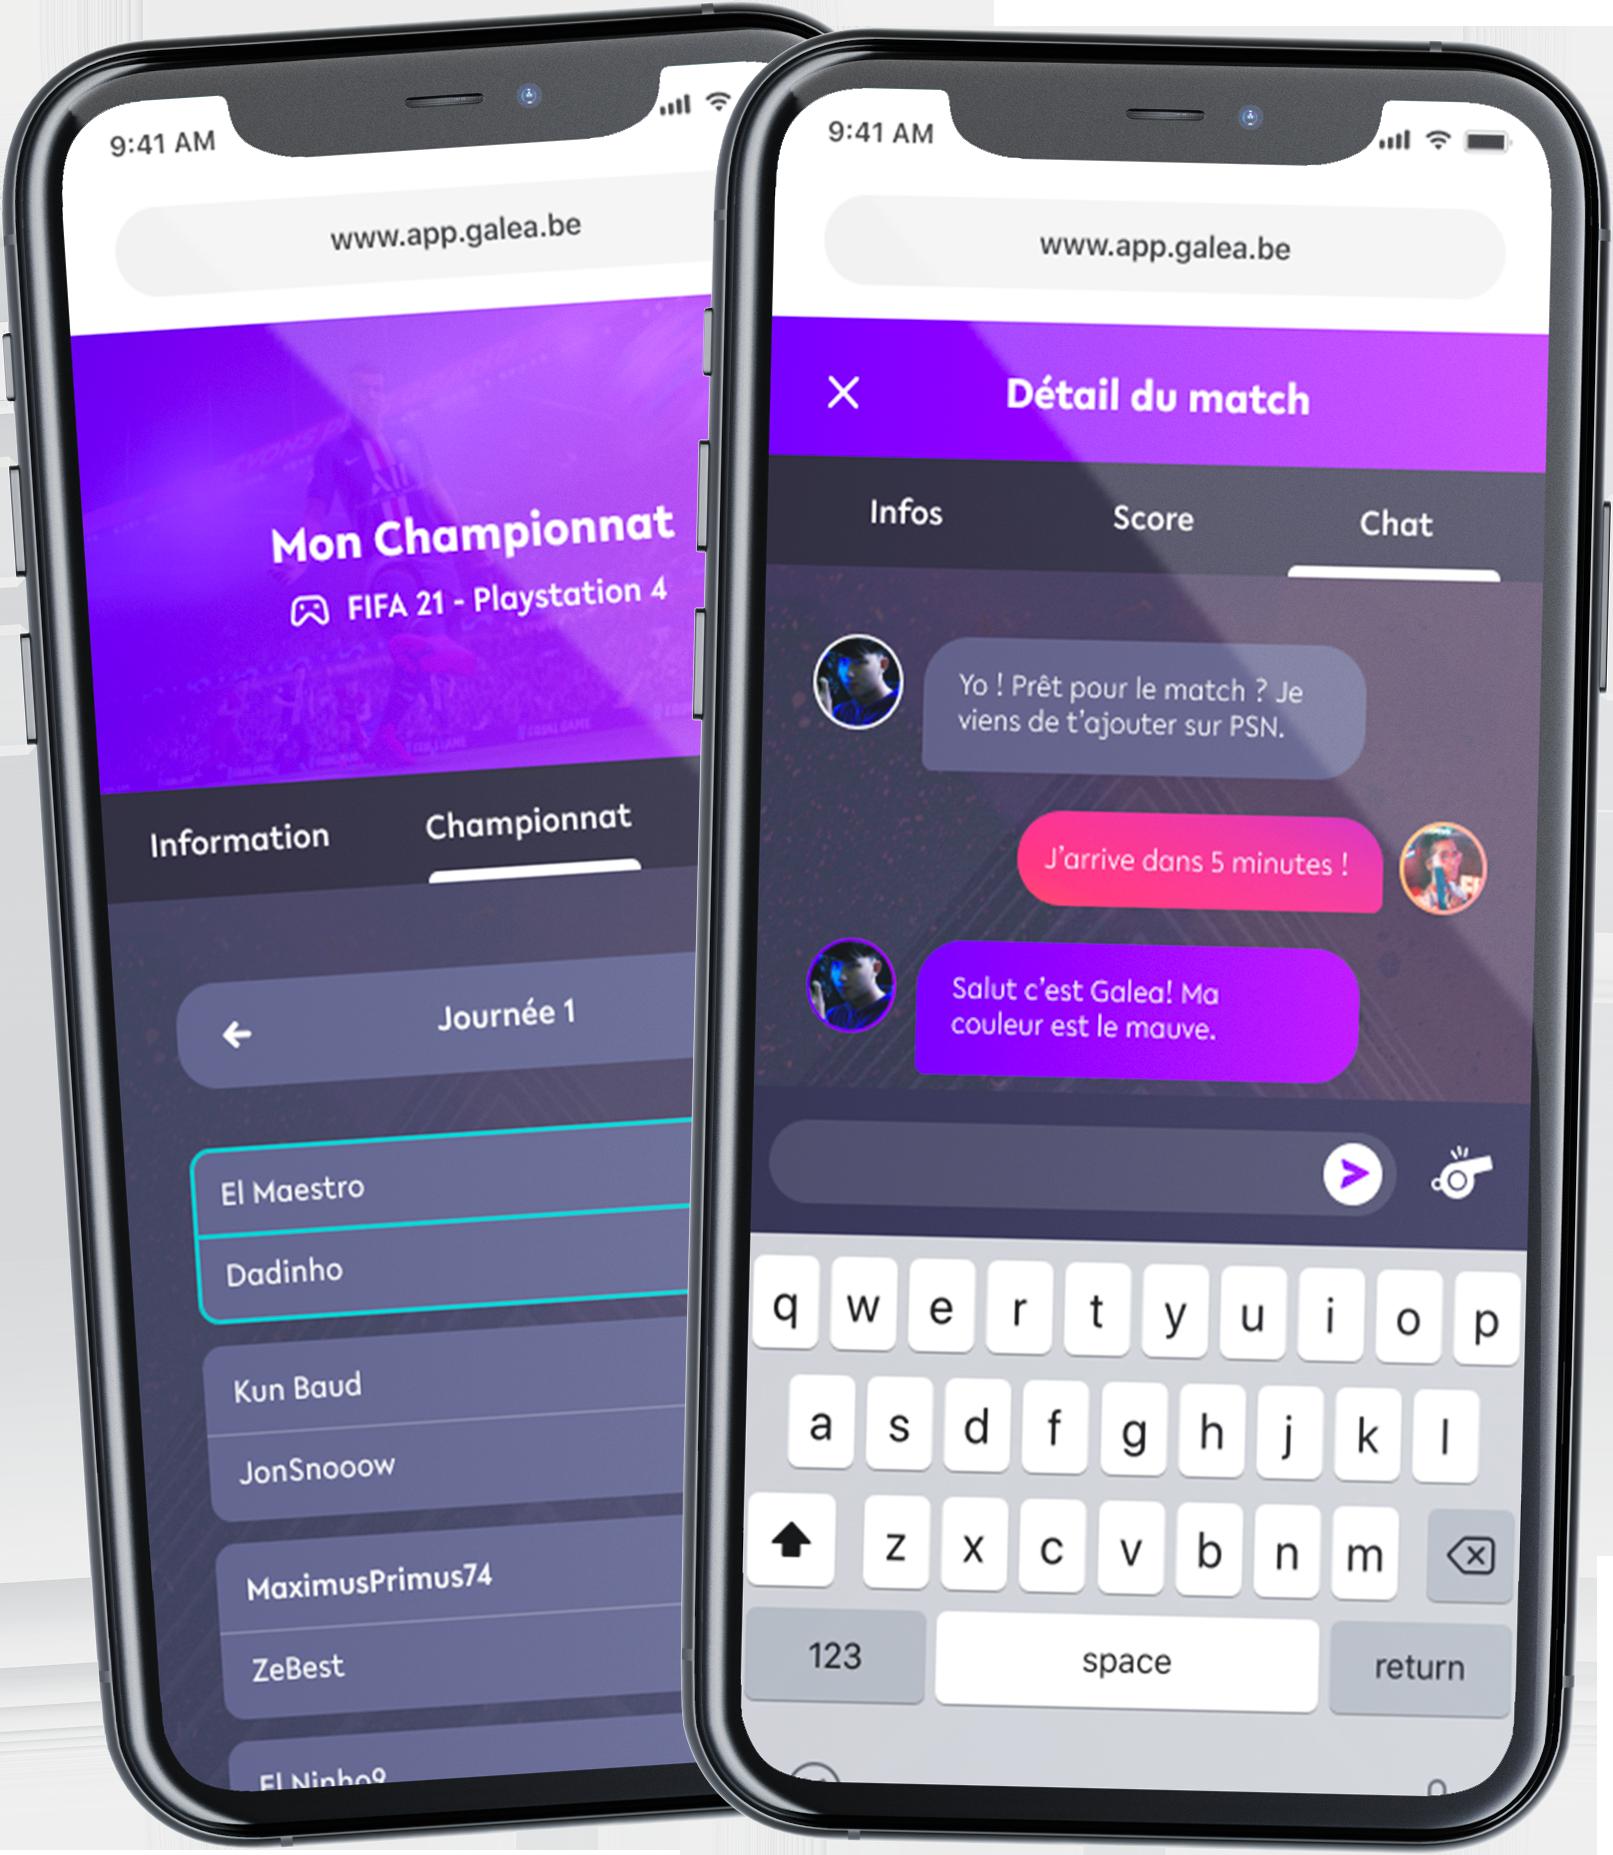 écran de téléphone sur l'application Galea, section chat et championnat